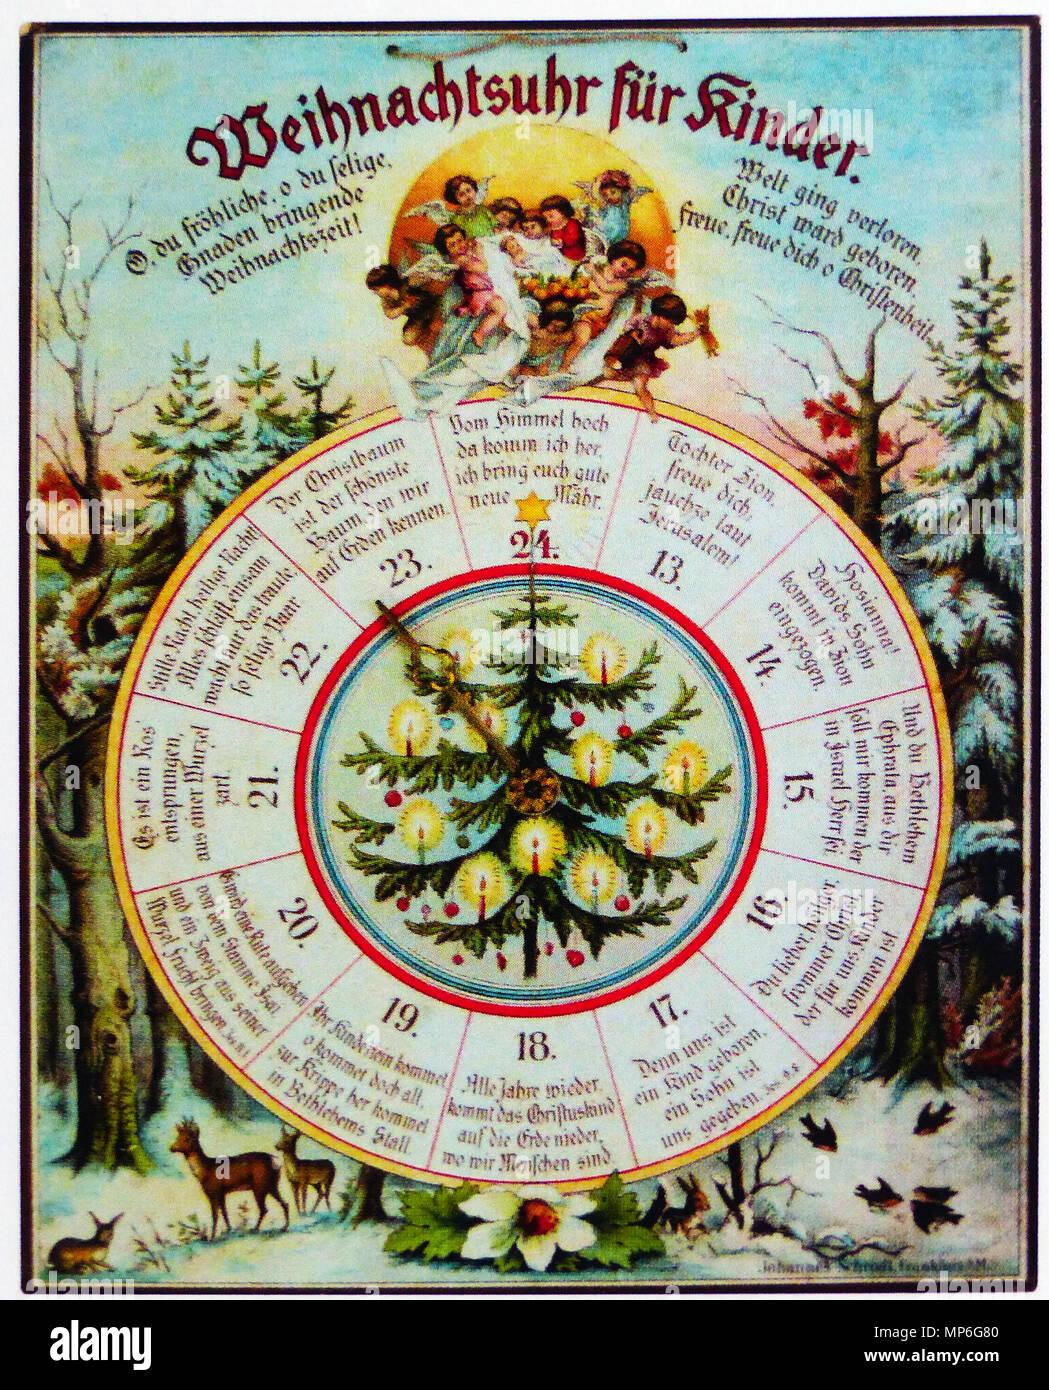 Kinder Weihnachtskalender.Kinder Adventskalender Stock Photos Kinder Adventskalender